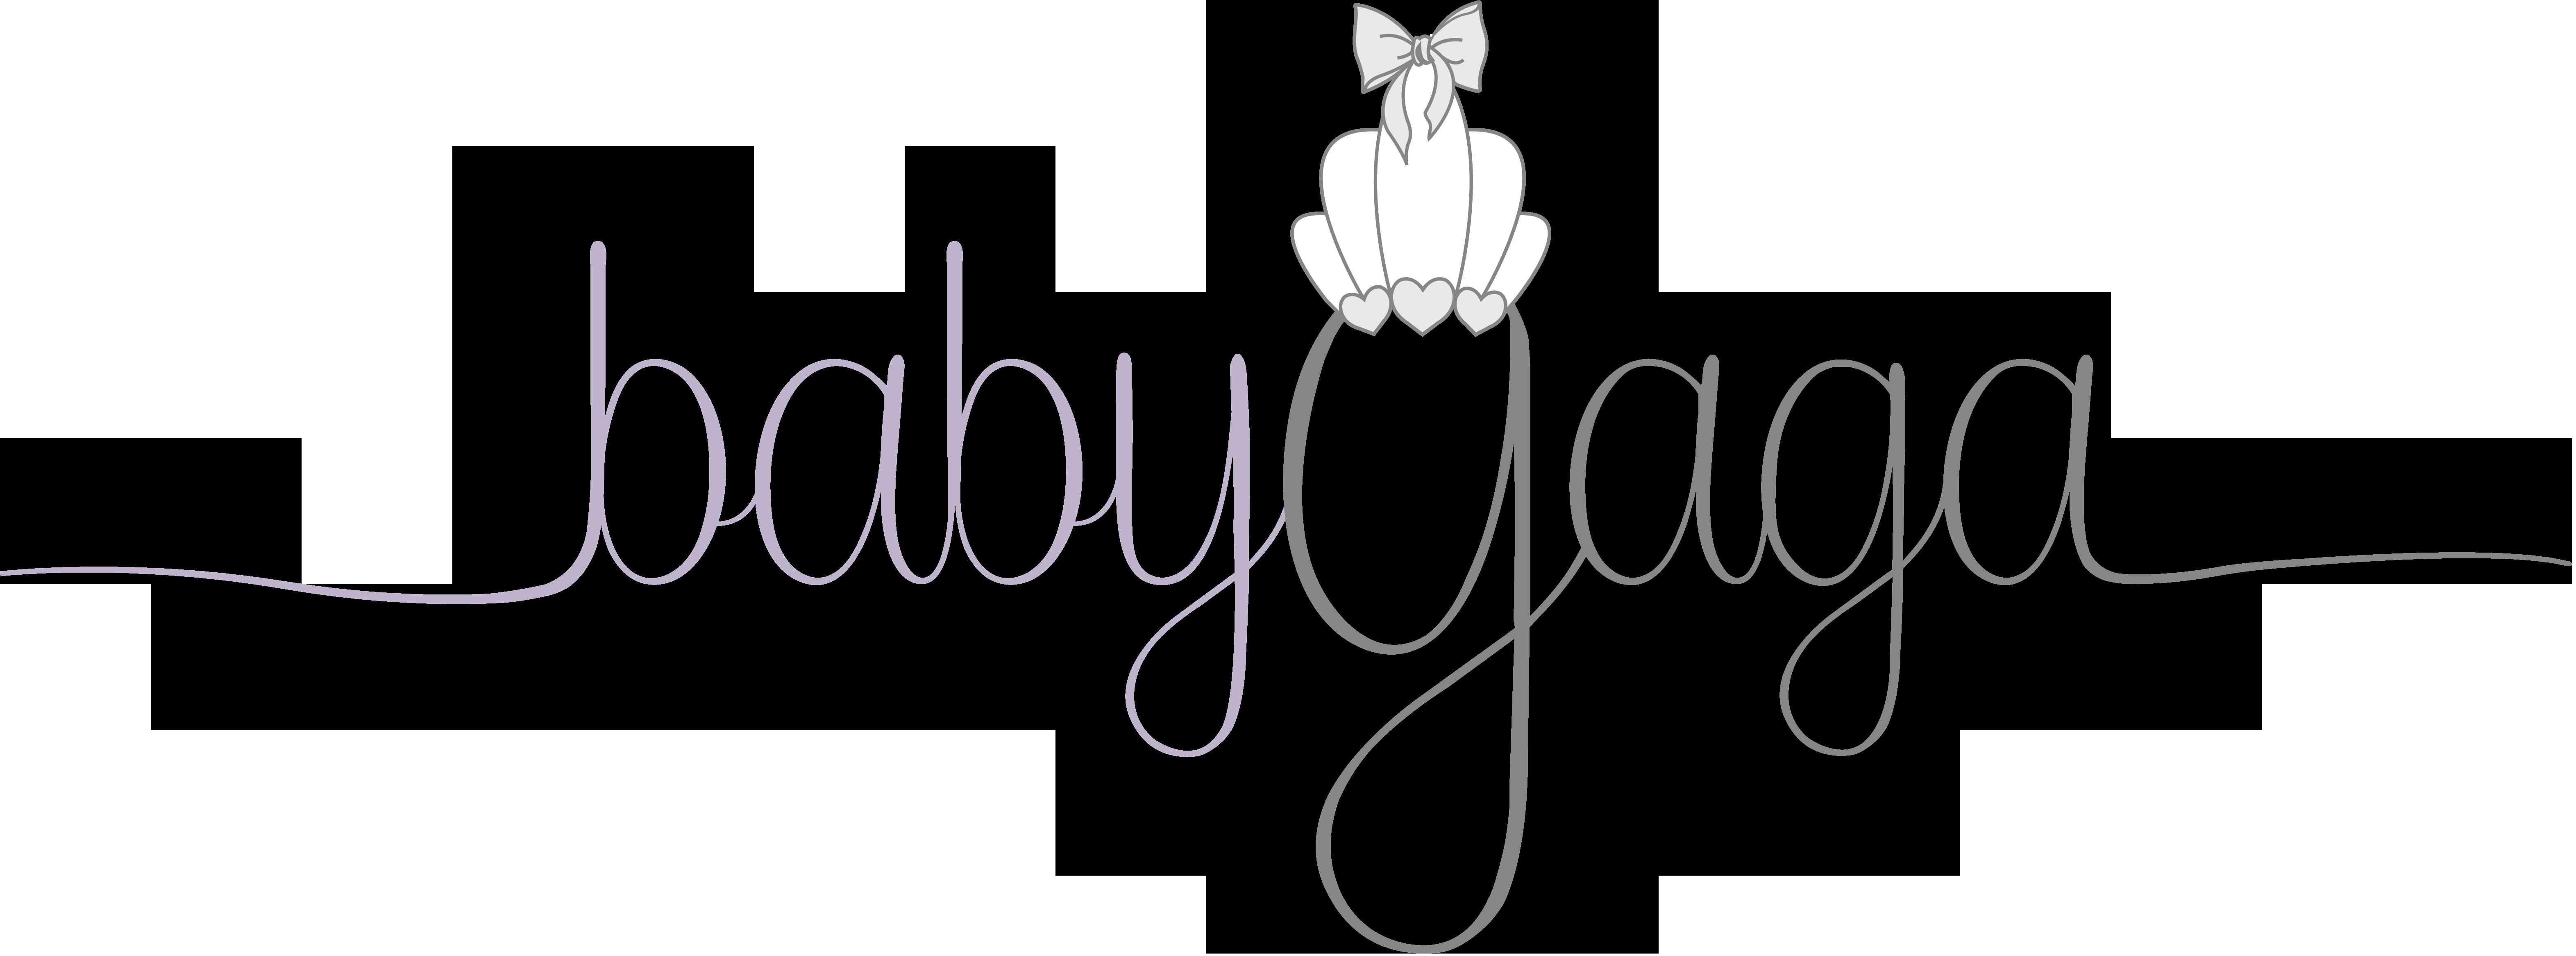 Photographe professionnelle bebe, nouveau-ne, nourrisson, naissance